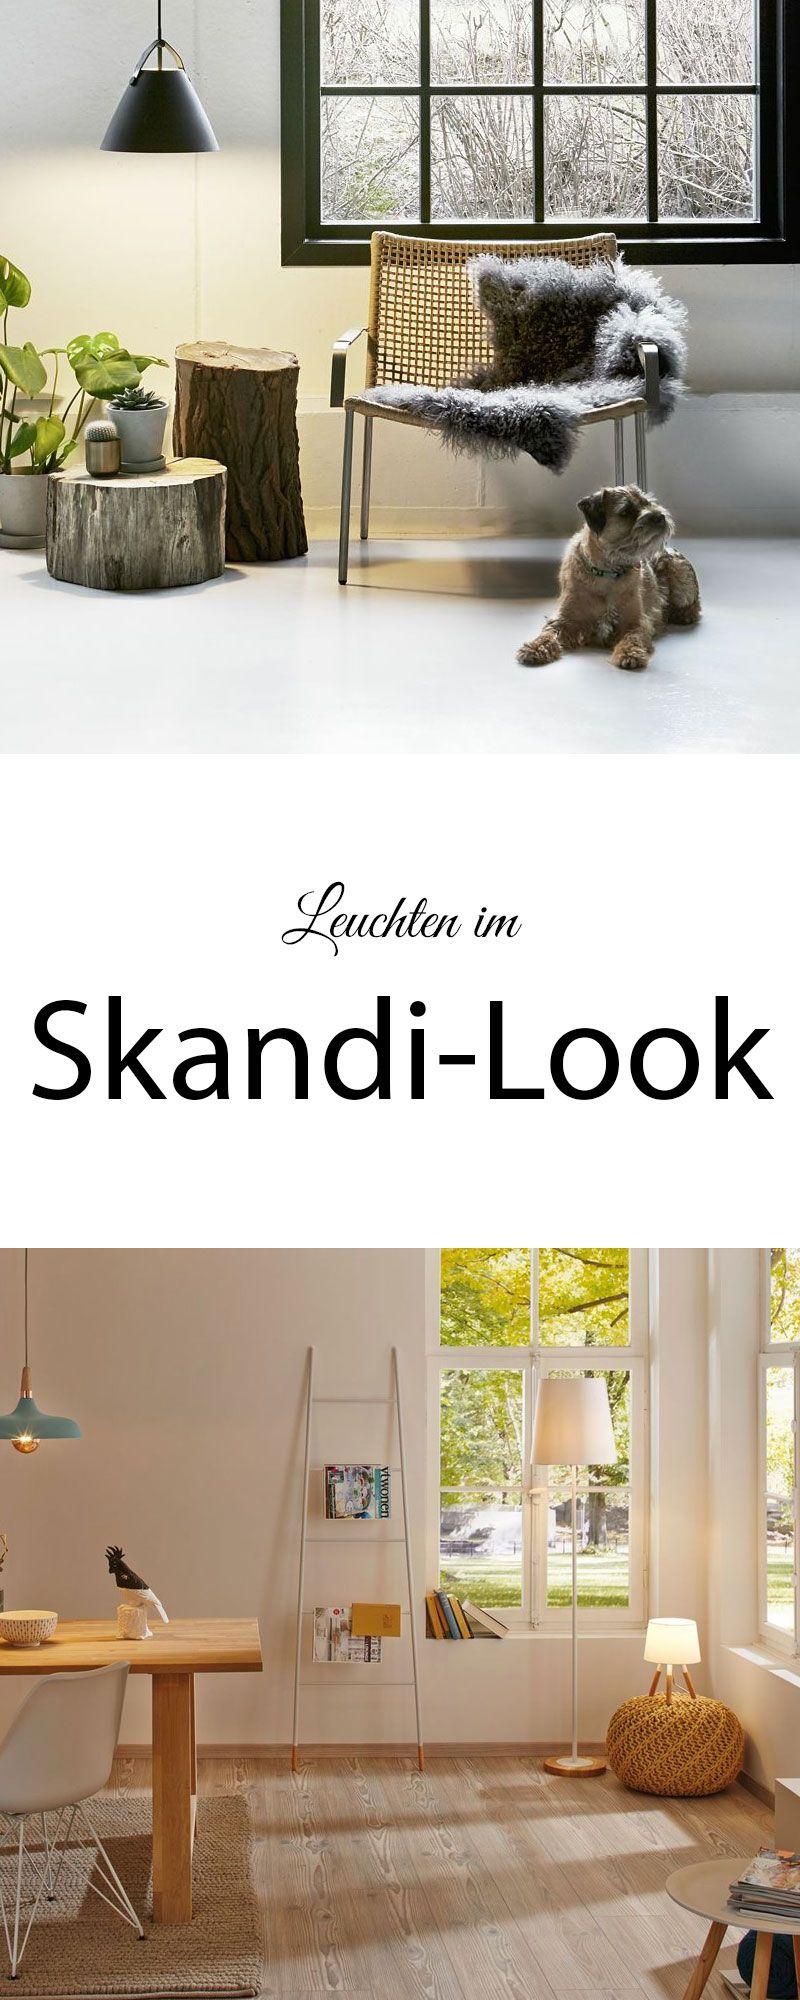 Skandinavische Leuchten Helle Freundliche Farben Und Viel Natur